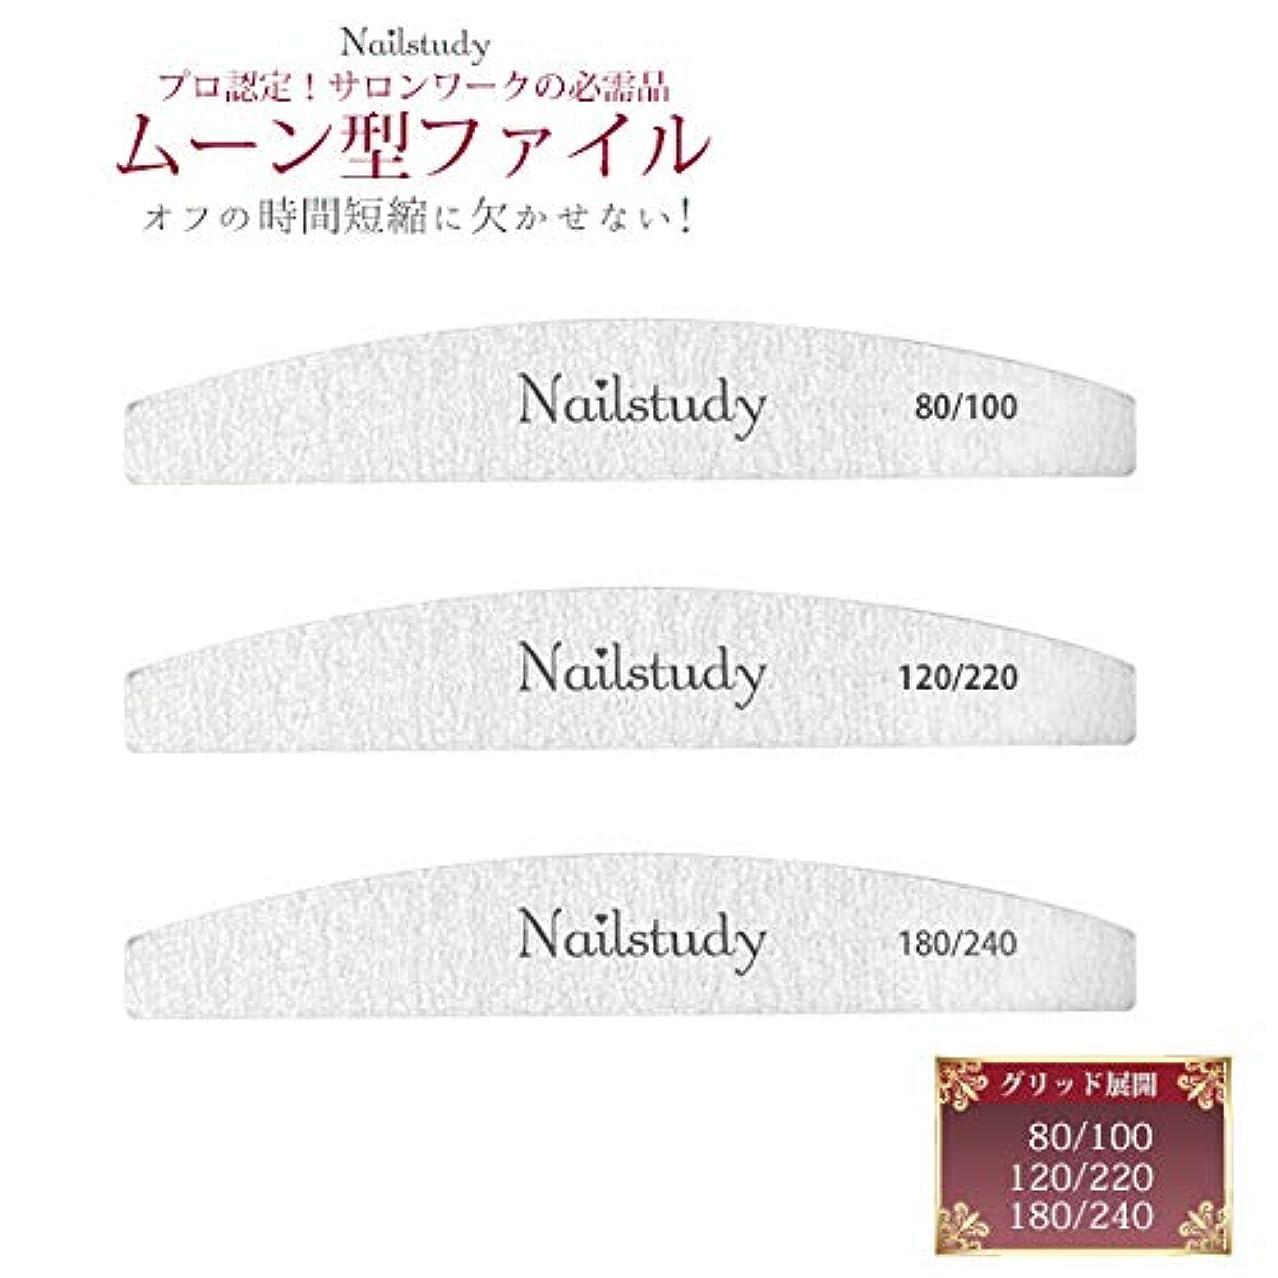 ソース繊細ネイルファイル ムーン型 (180/240)